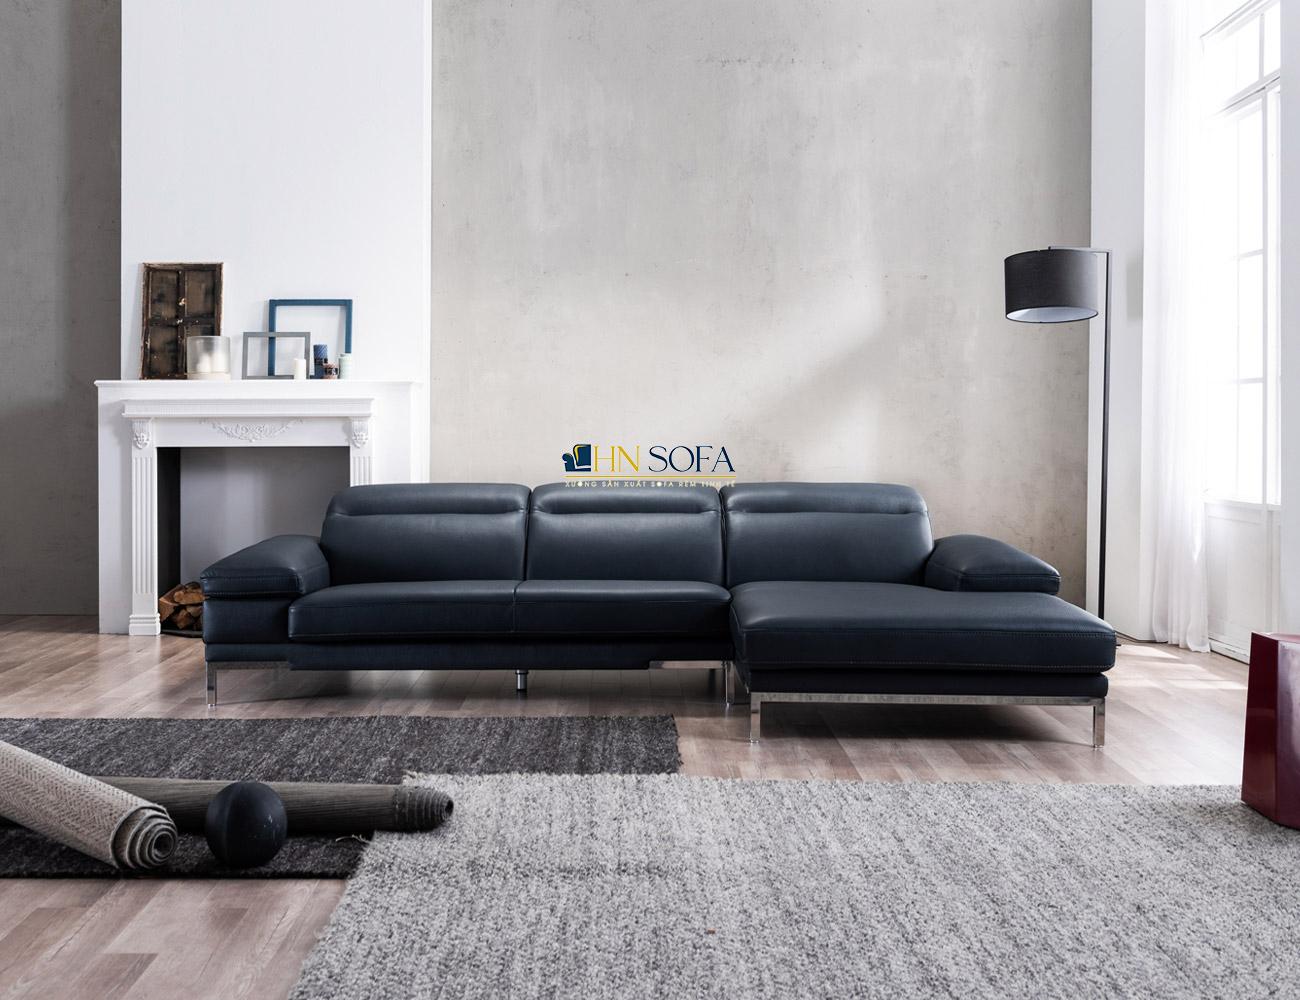 Mẫu sofa da đen góc L hiện đại, sang trọng